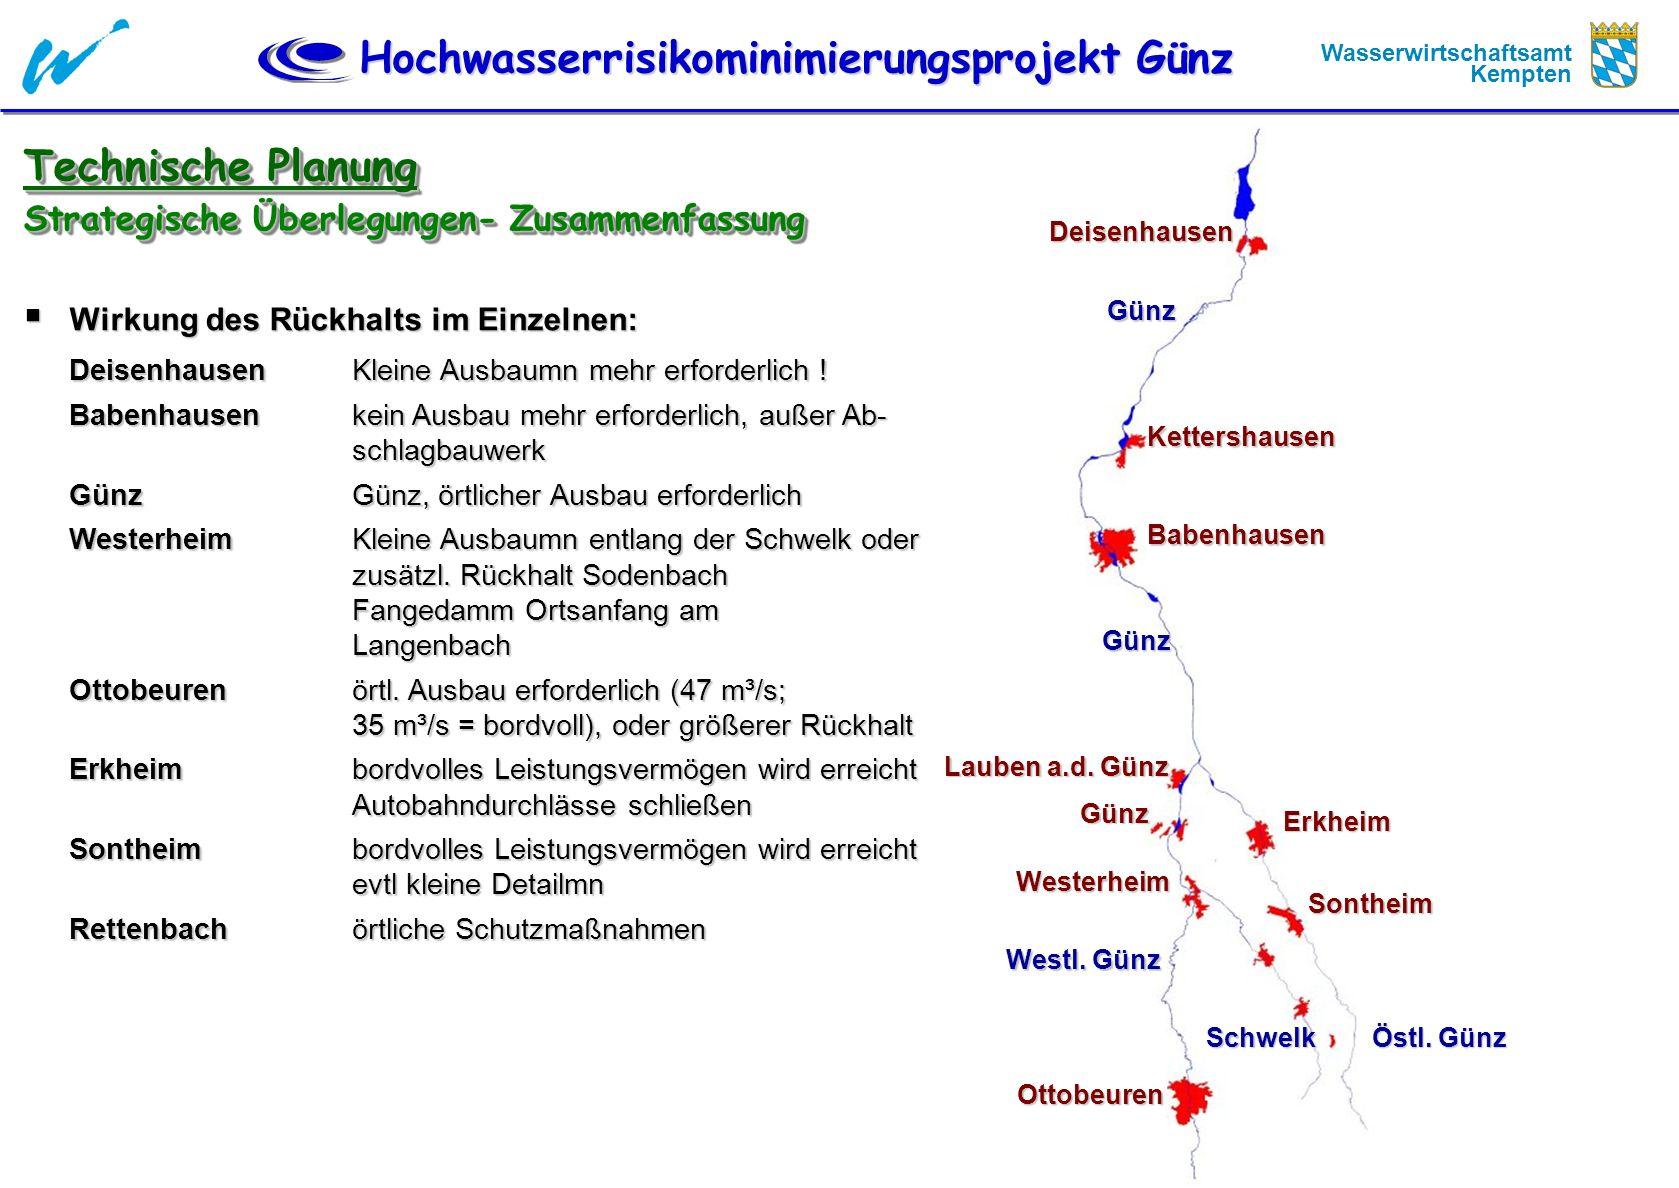 Hochwasserrisikominimierungsprojekt Günz Wasserwirtschaftsamt Kempten Technische Planung Strategische Überlegungen- Zusammenfassung Wirkung des Rückha